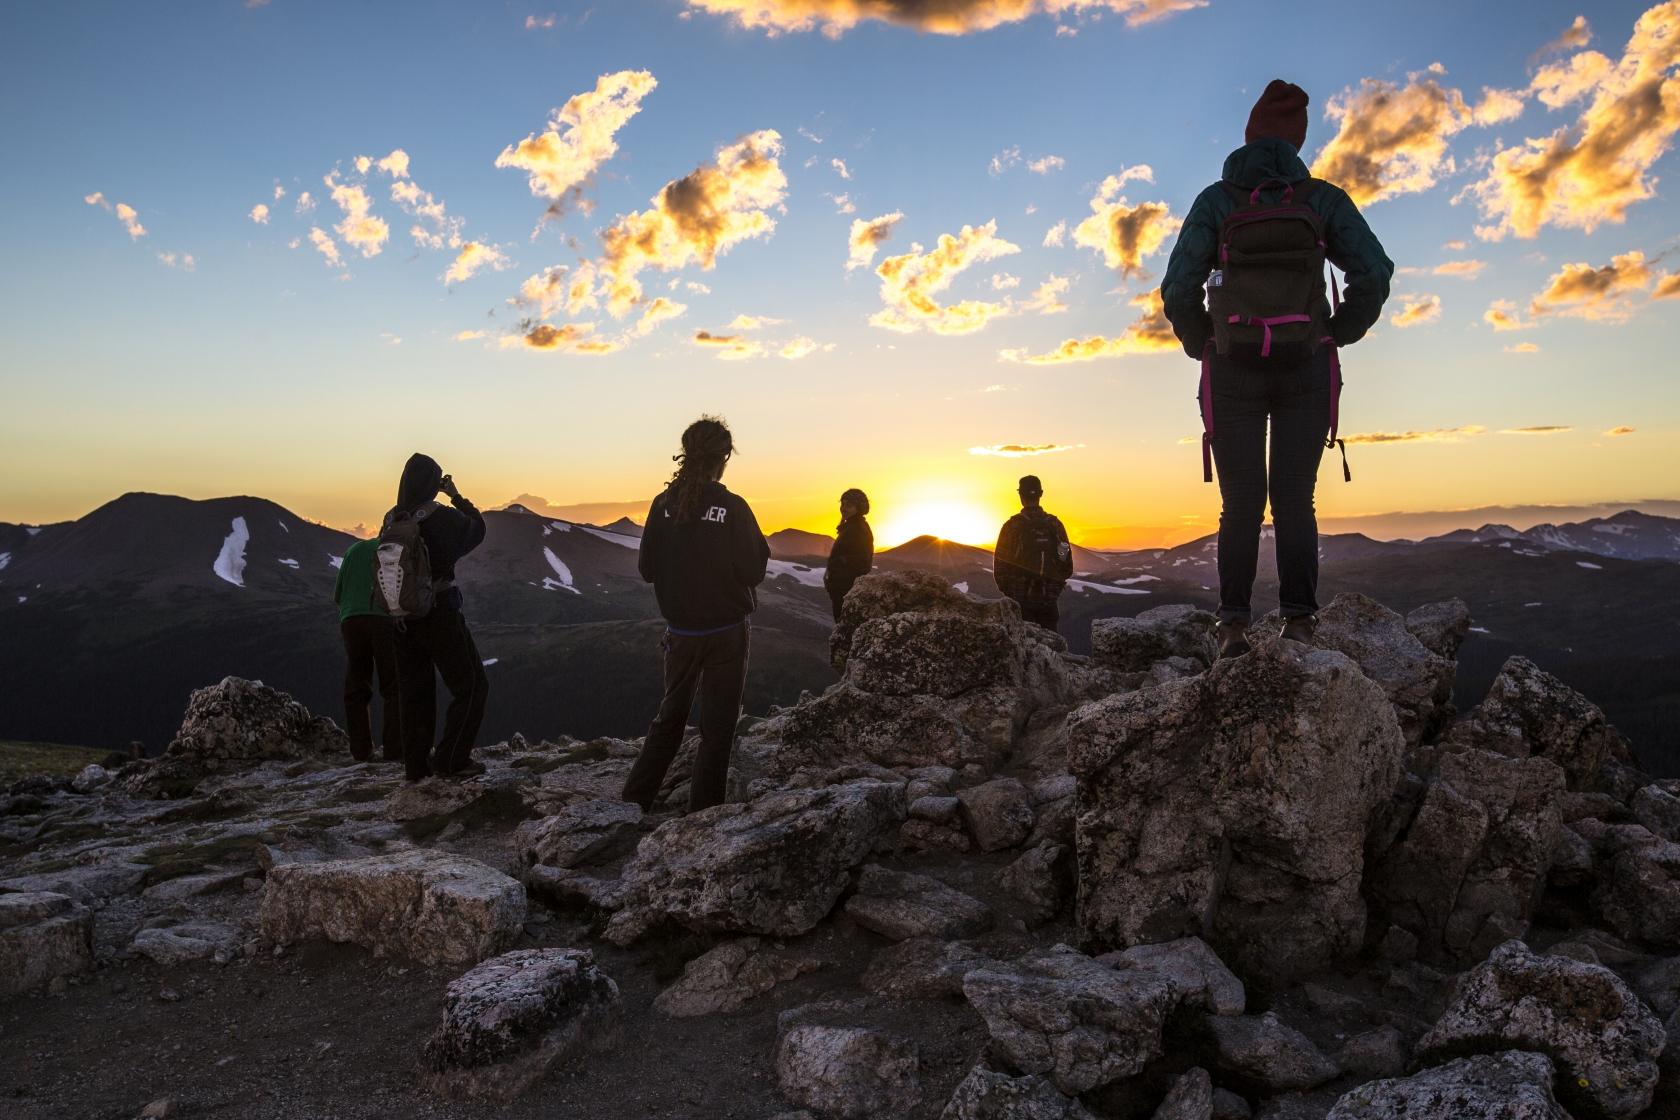 Los excursionistas en el Parque Nacional de las Montañas Rocosas.